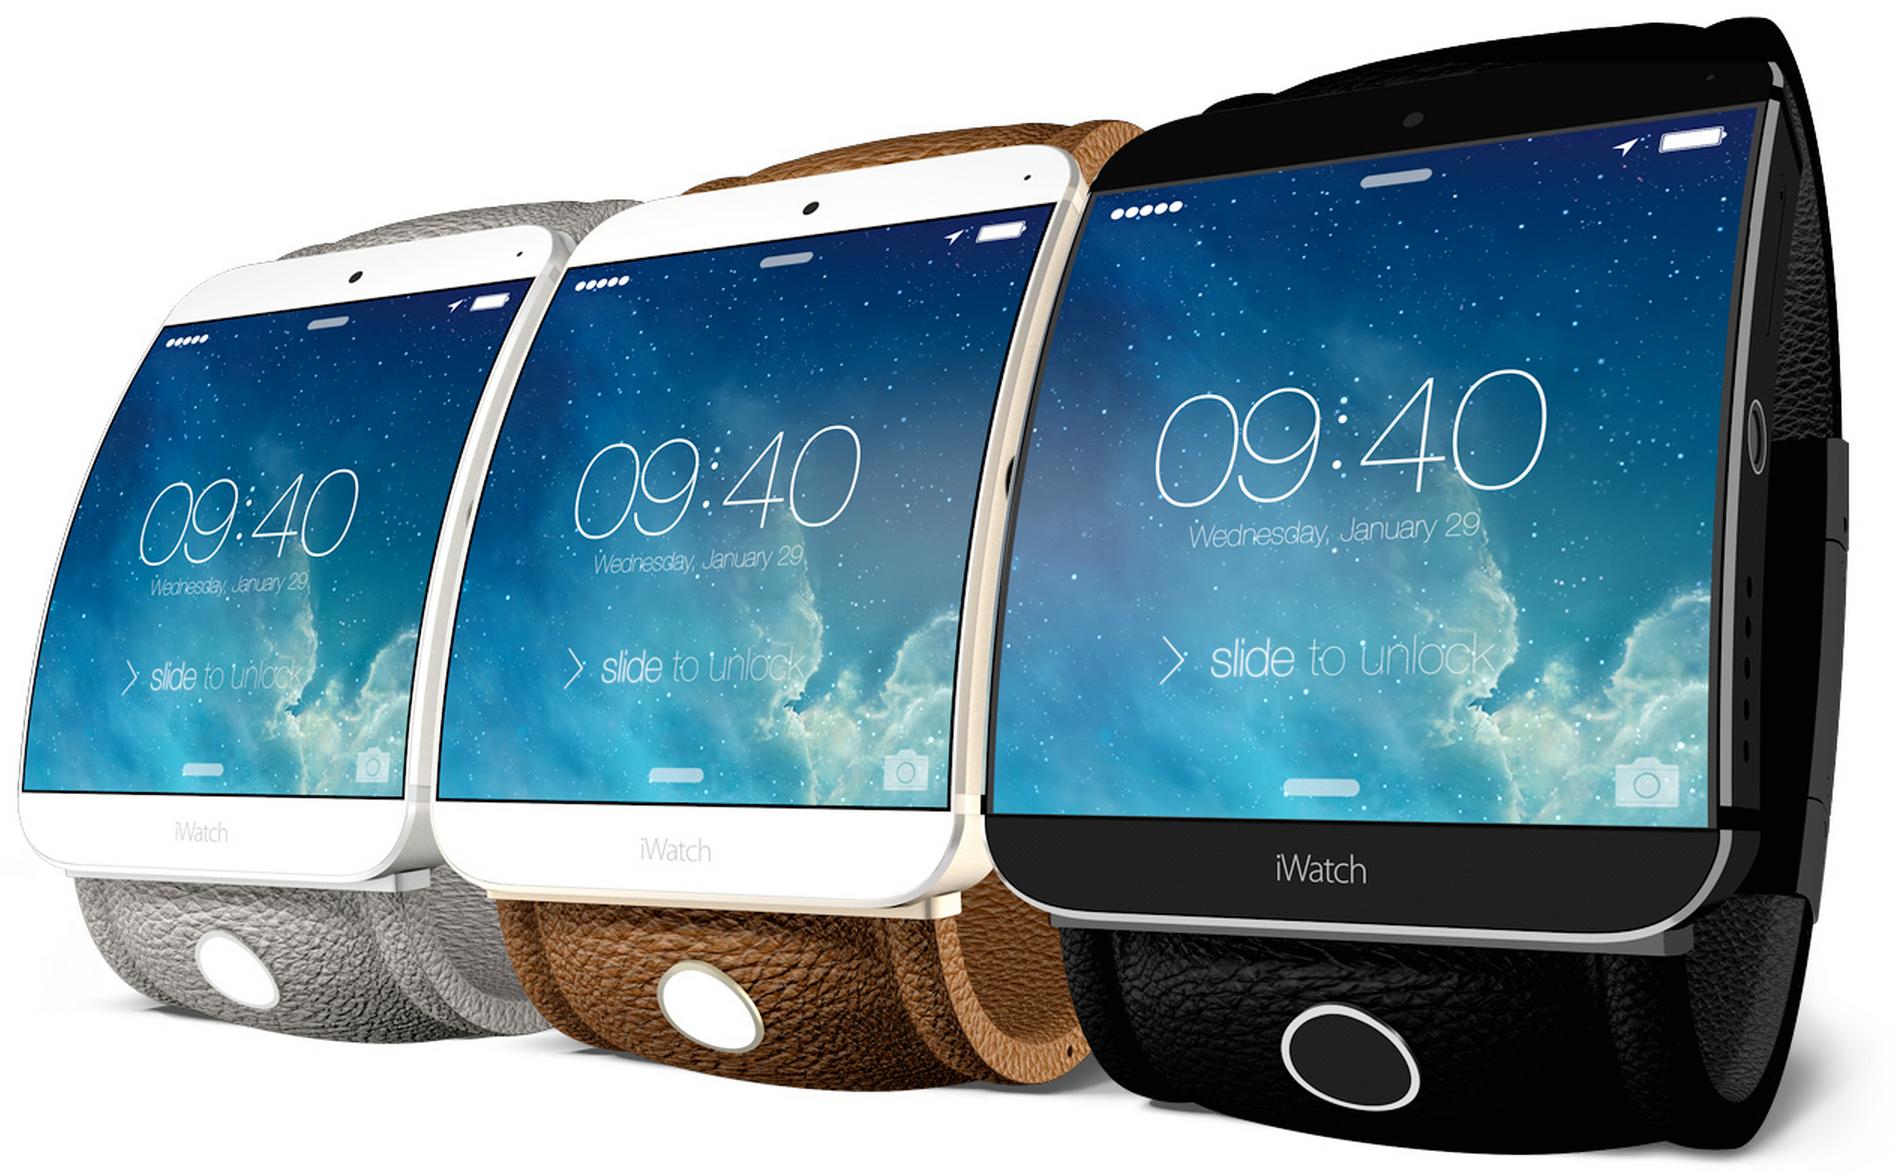 iWatch получит беспроводную зарядку, металлический корпус, NFC и многое другое